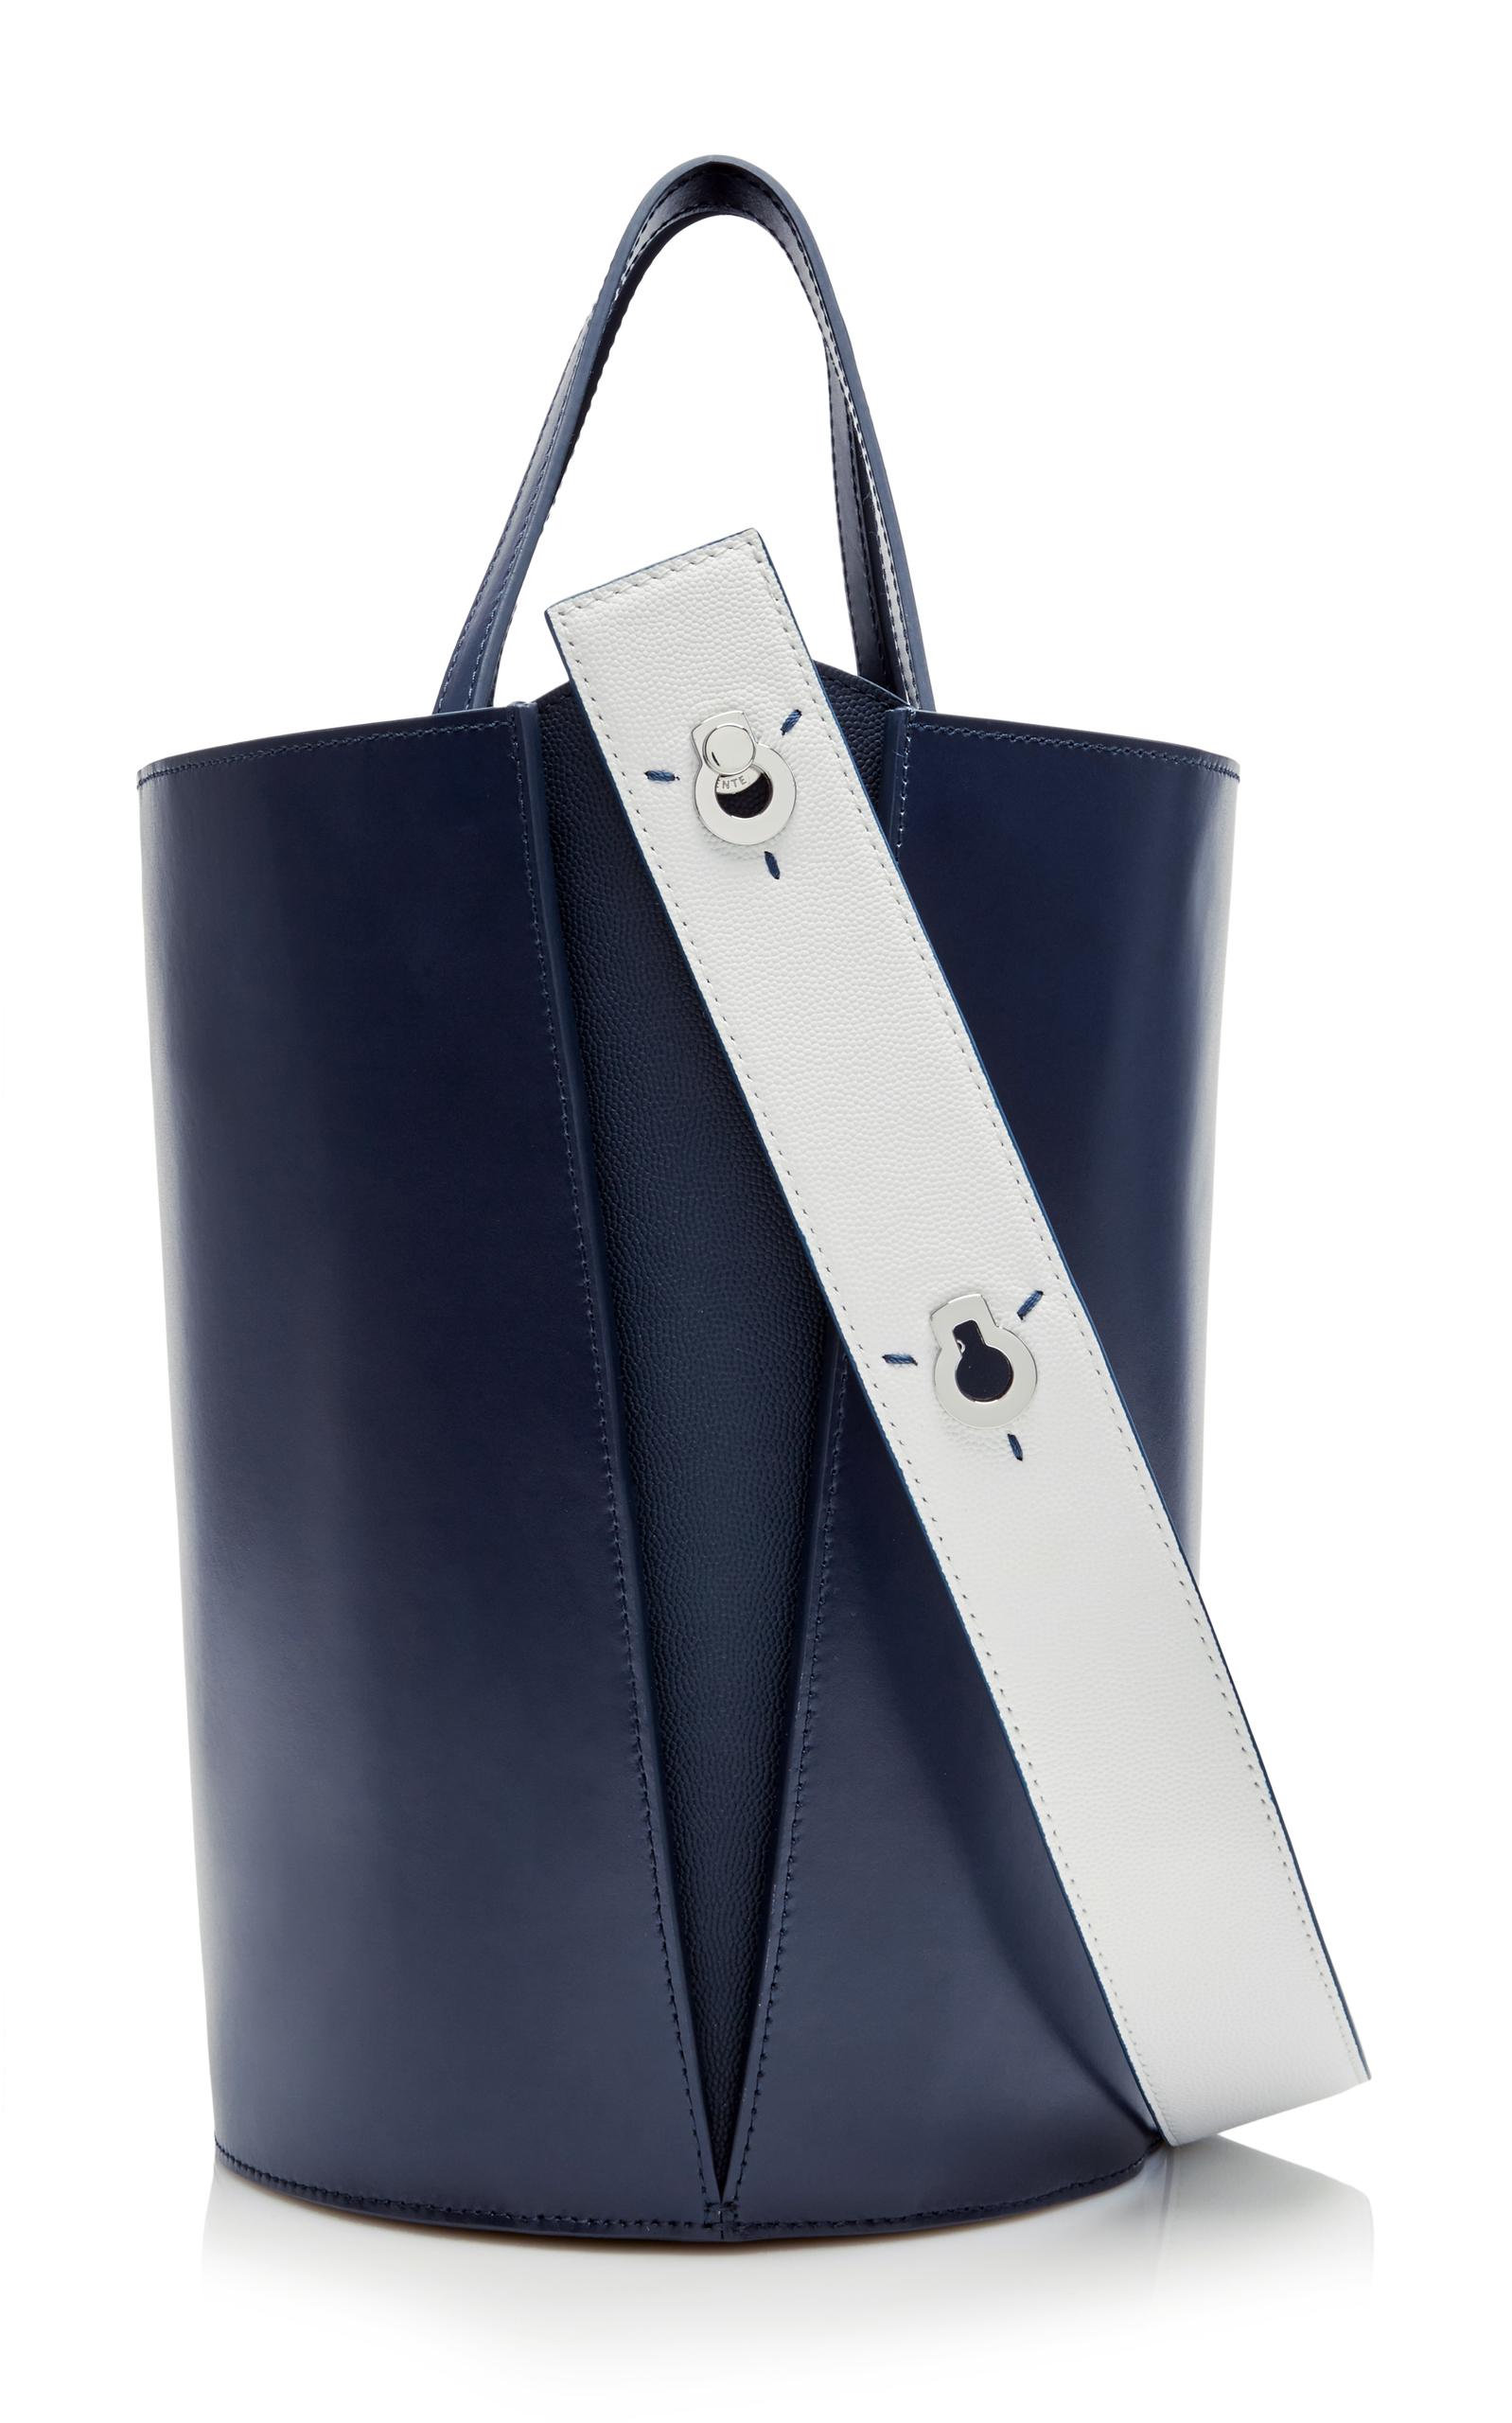 56cacdd7548d7 Danse LenteMini Lorna Bucket Bag. CLOSE. Loading. Loading. Loading. Loading